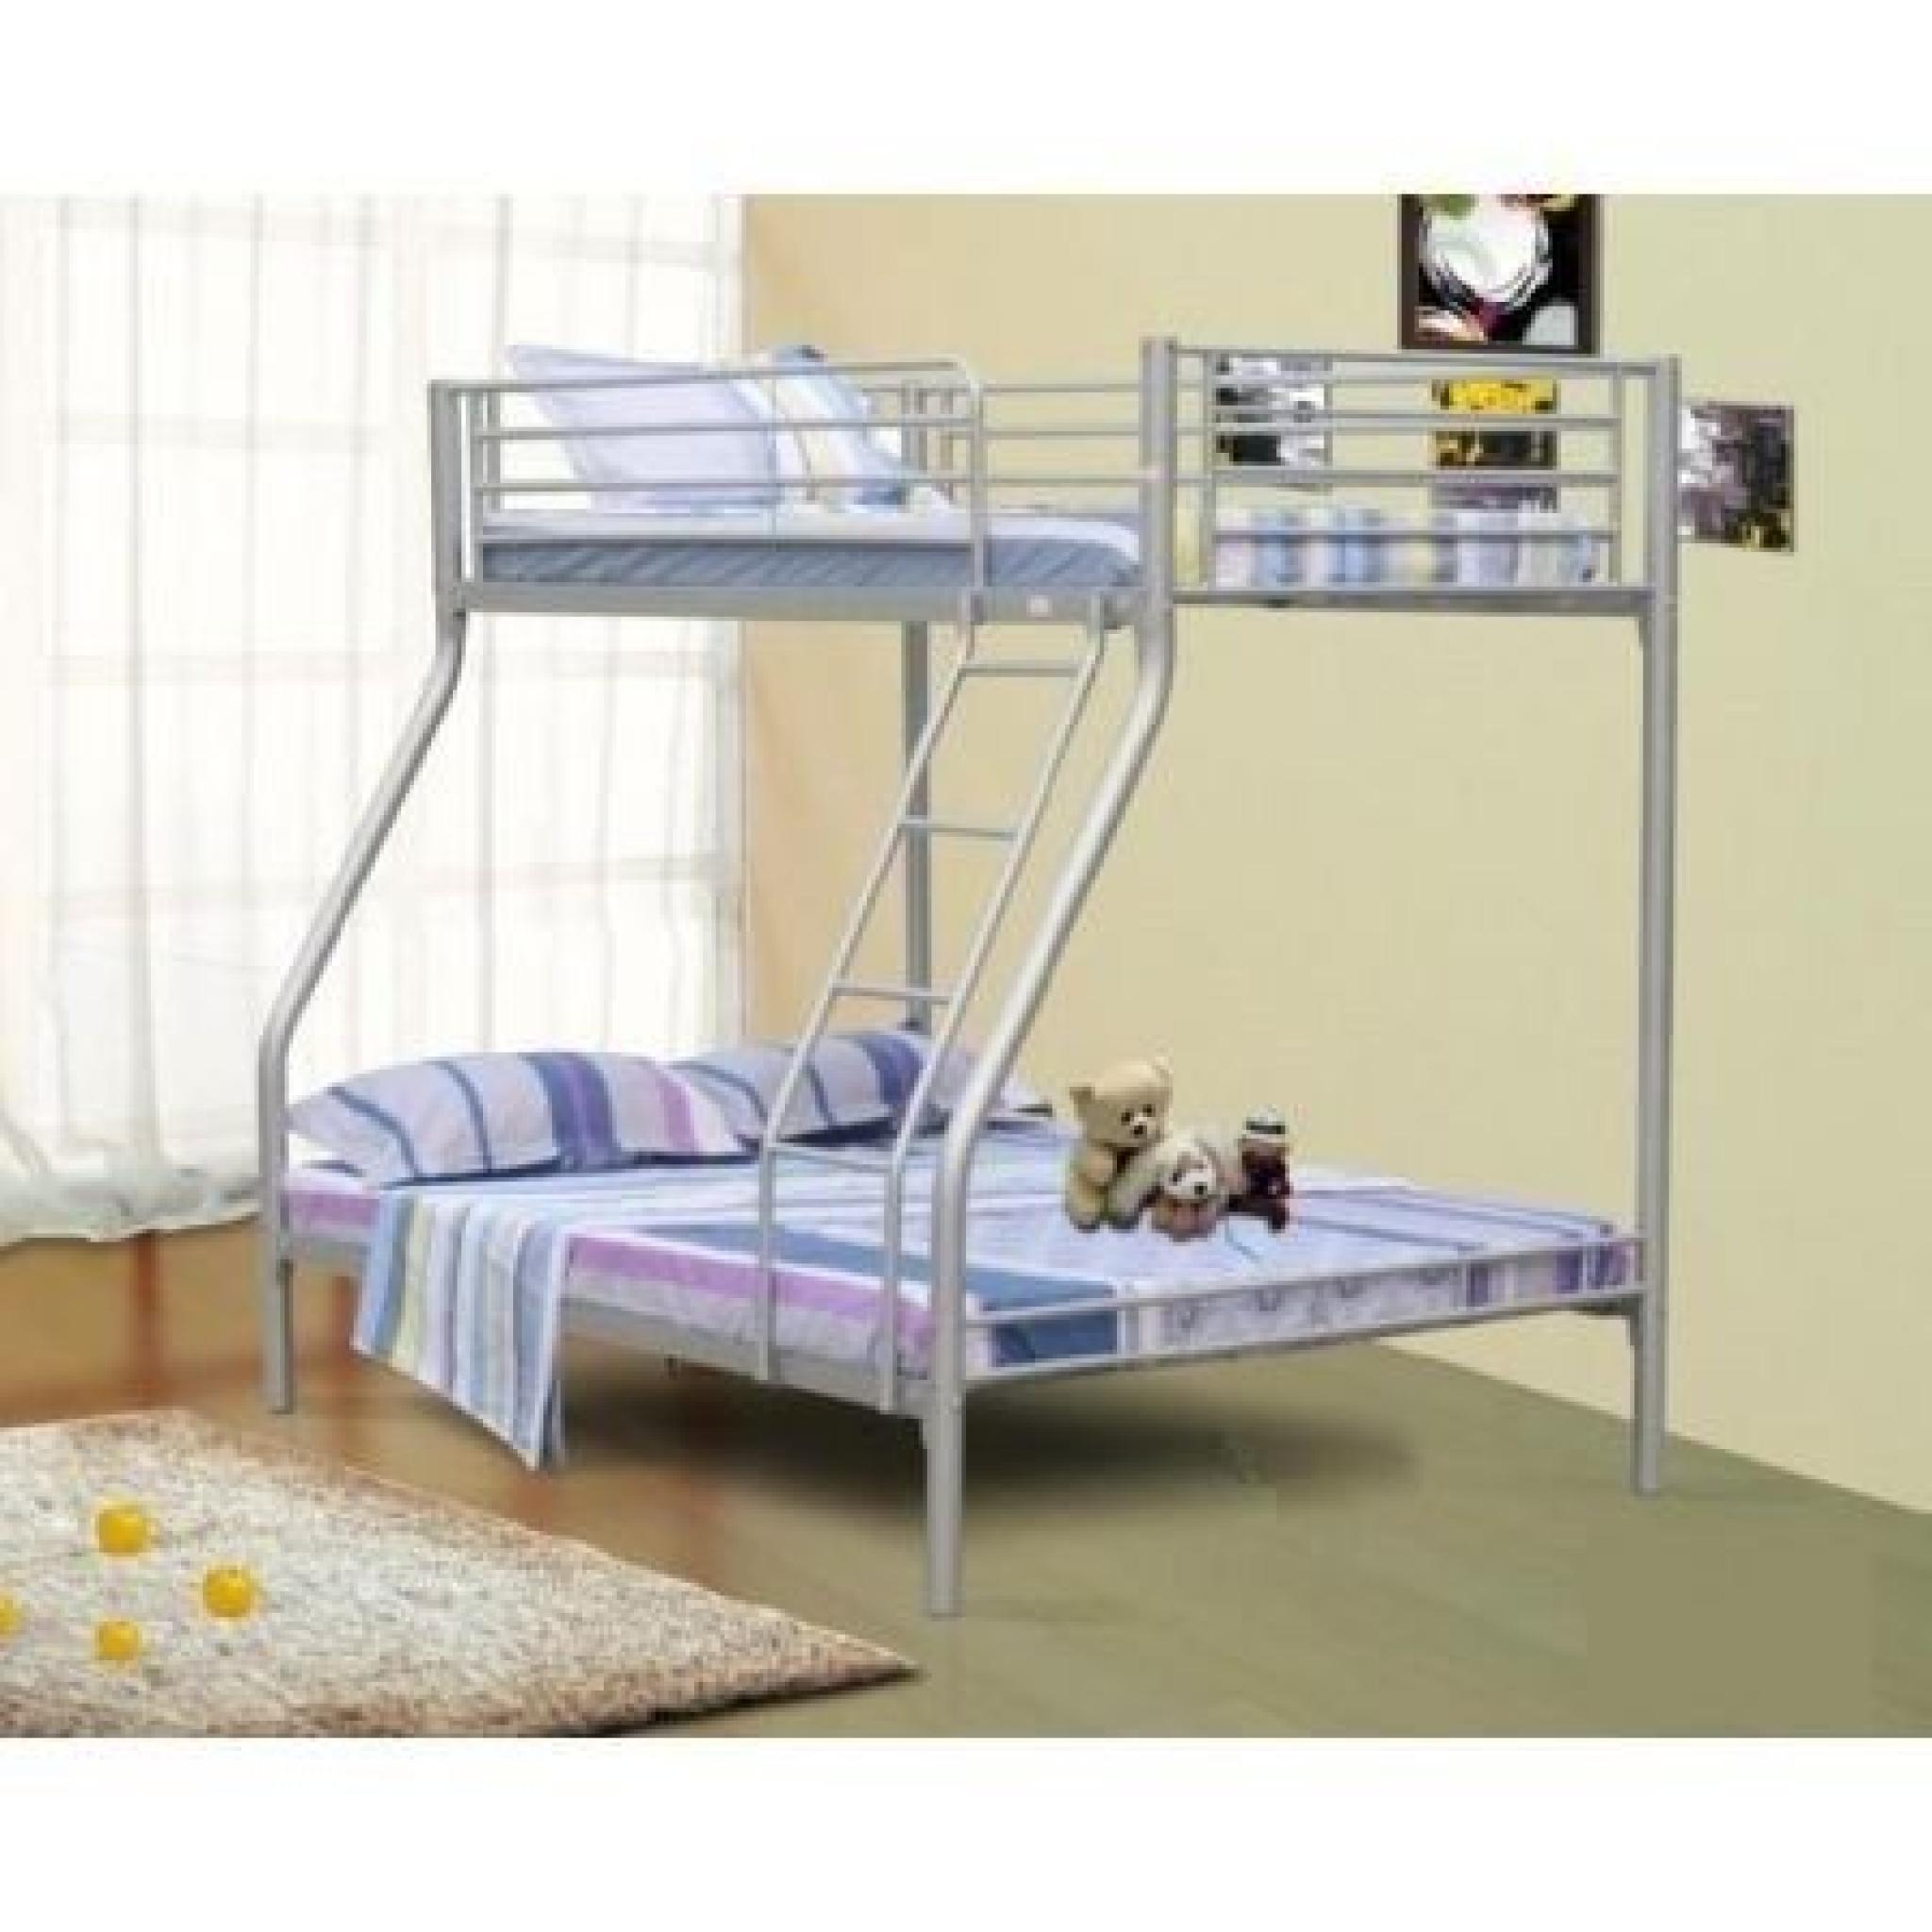 lit superpos 3 places achat vente lit superpose pas. Black Bedroom Furniture Sets. Home Design Ideas